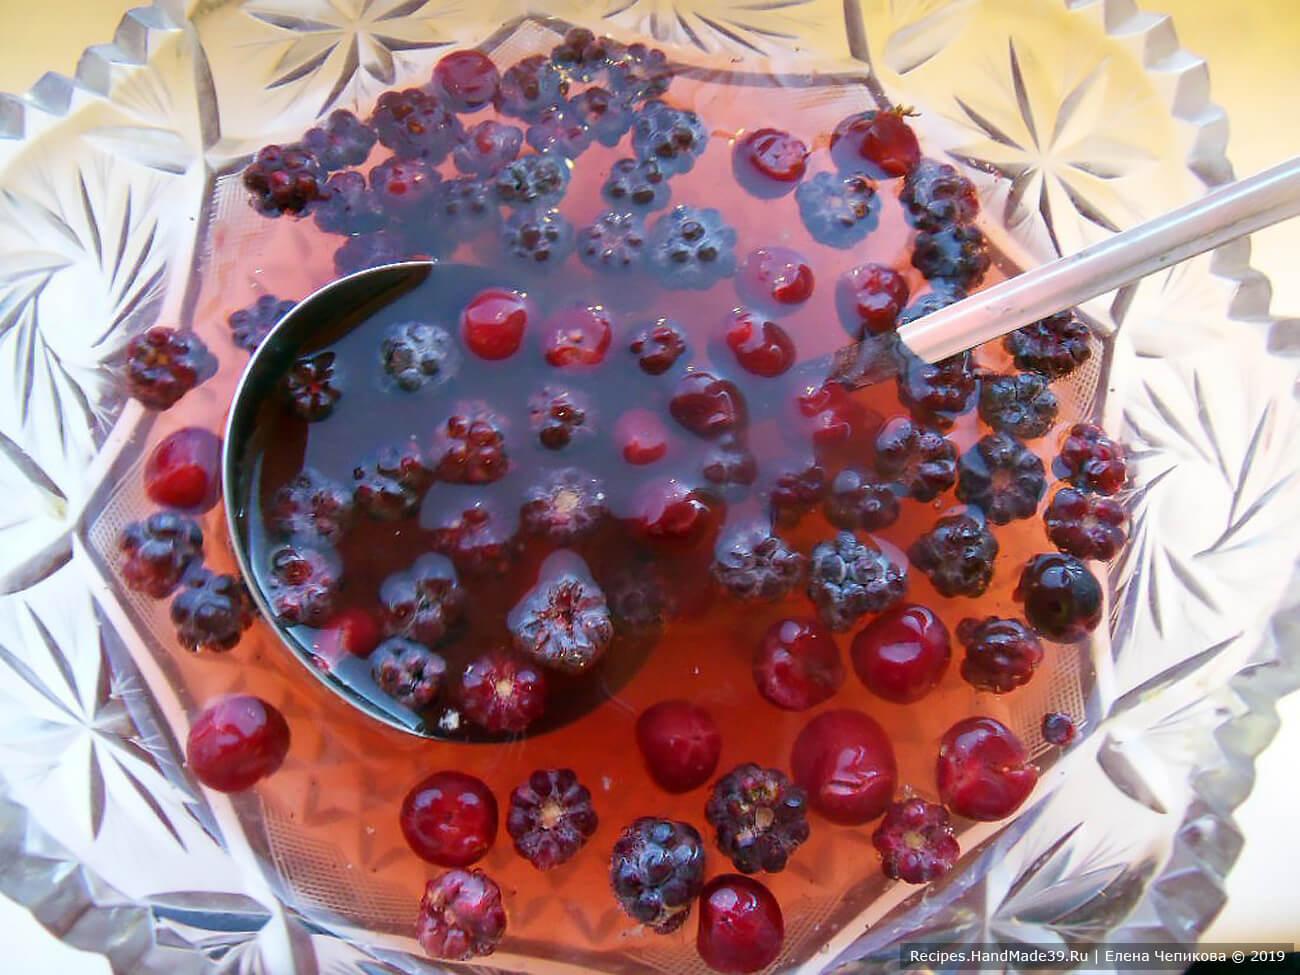 Залить ягоды ледяным шампанским. Добавить ледяной фруктовый чай. Приятного аппетита!